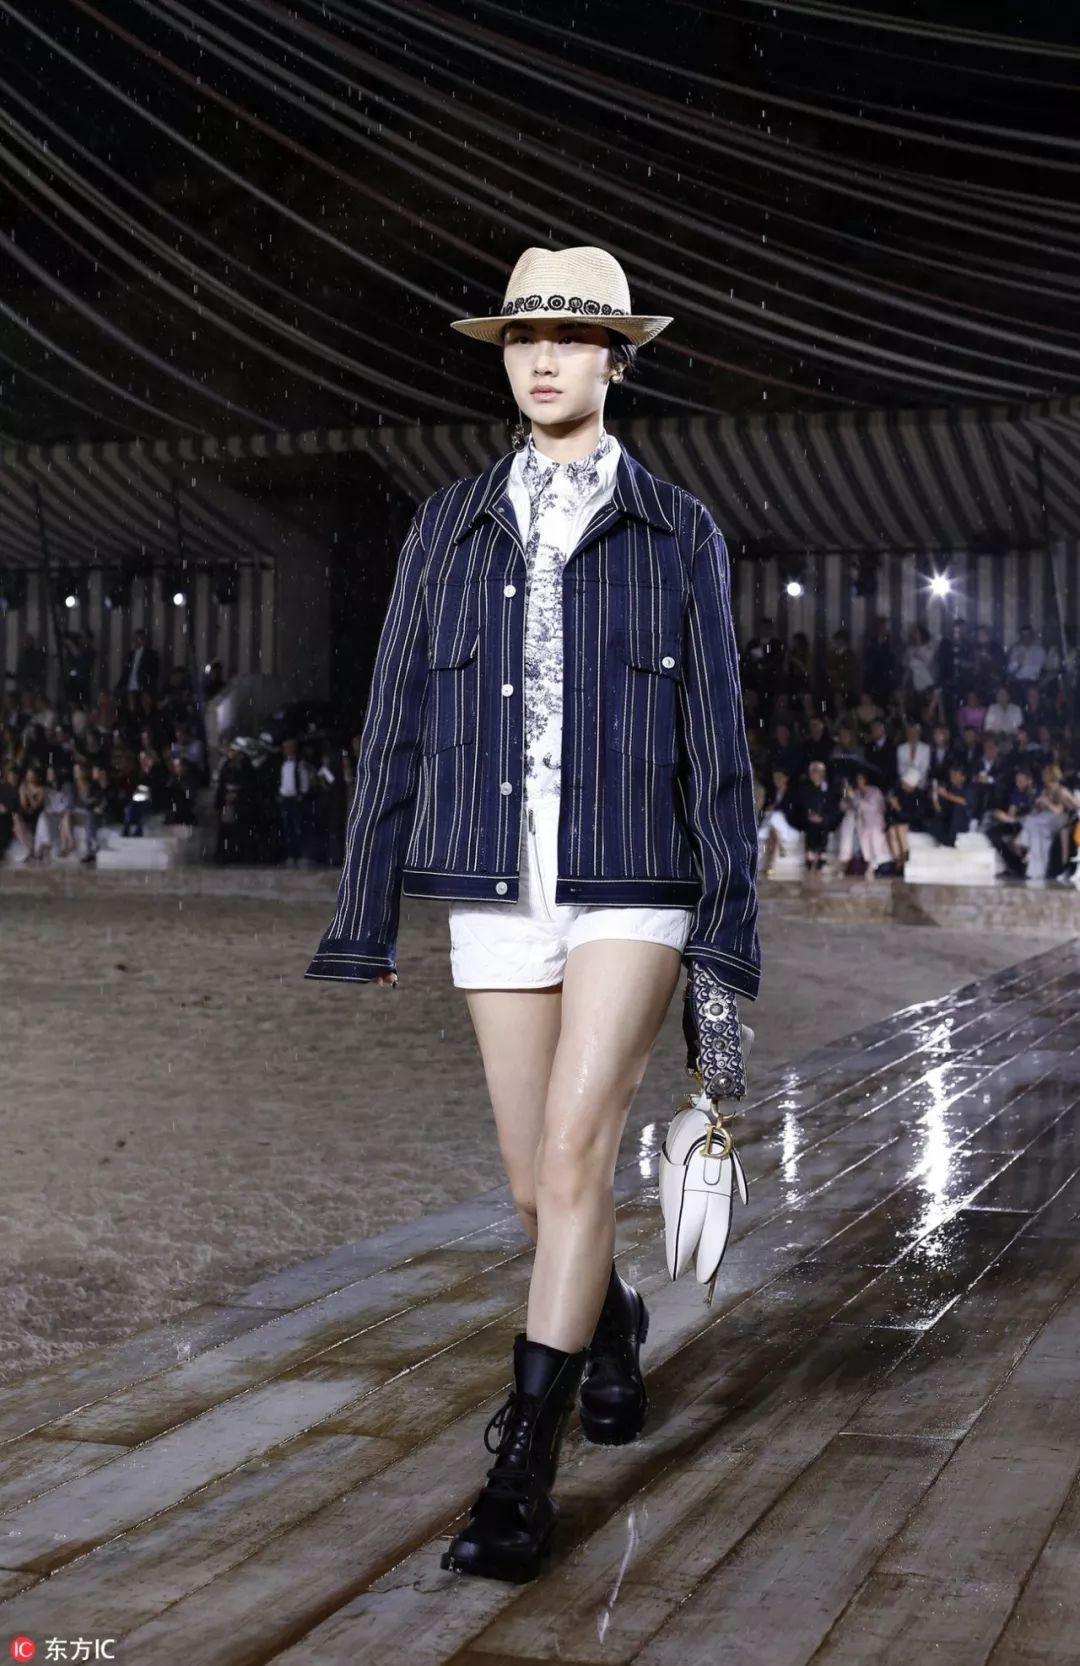 就算大雨把城市颠倒,我也要和Dior去看2019早春大秀